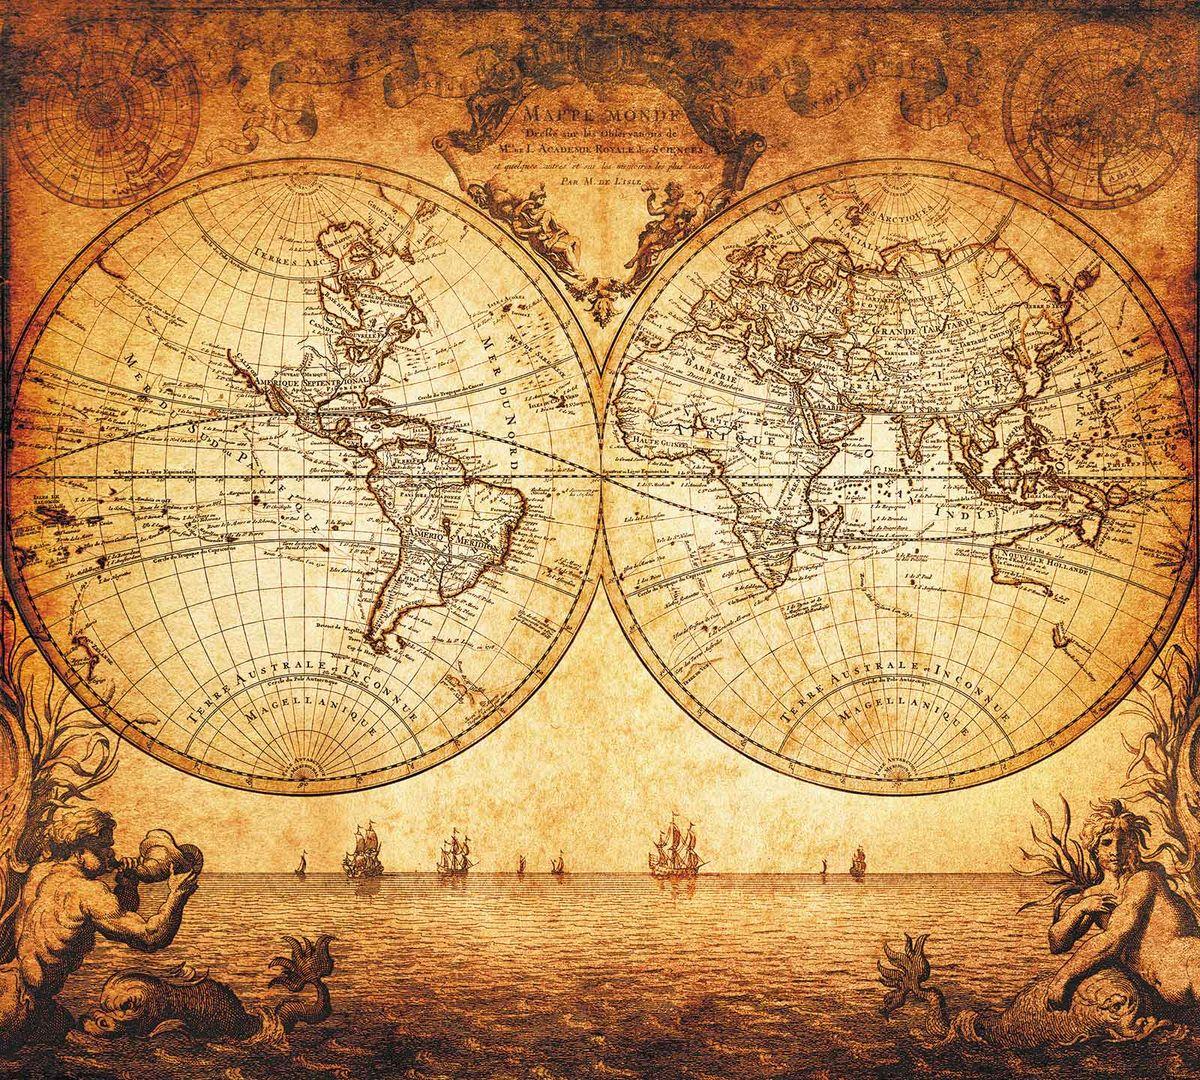 Фотообои Milan Старинная карта, текстурные, 200 х 180 см. M 510 фотообои milan в лесу текстурные 300 х 200 см m 701